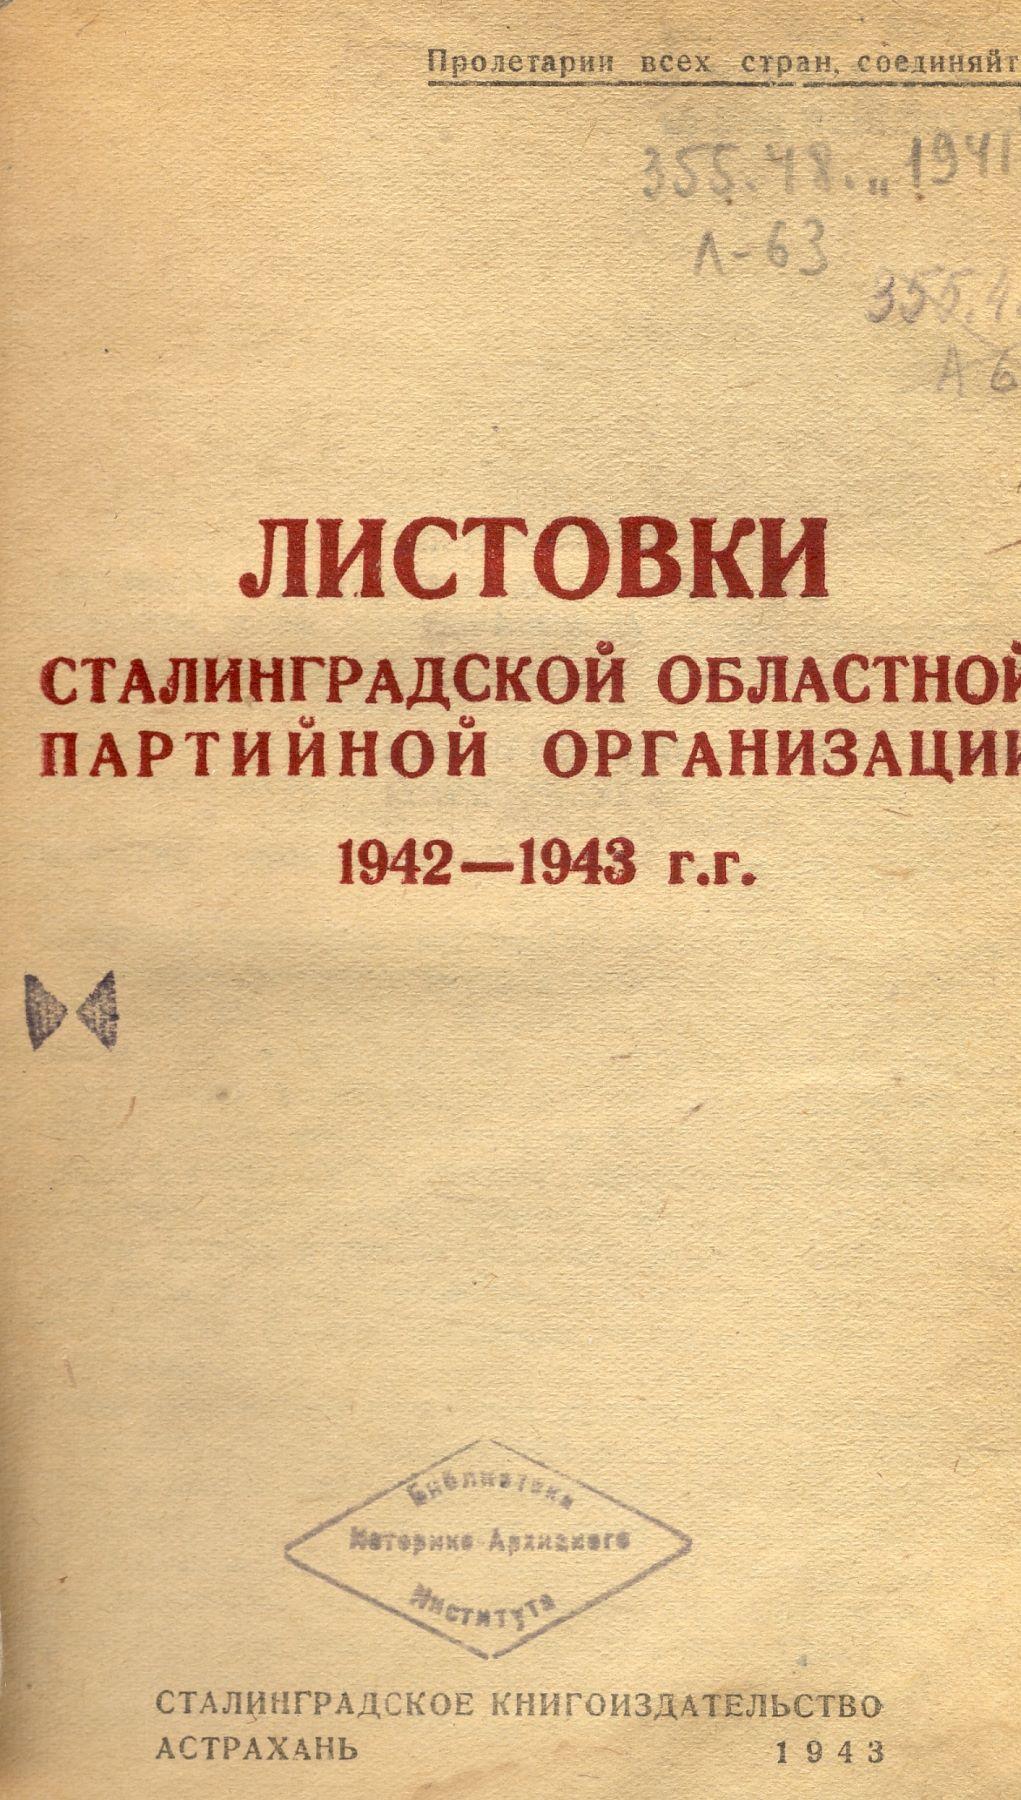 Сборник документов, отражающих ход  Сталинградской битвы и первые месяцы восстановления города. Издан в 1943 году в Астрахани